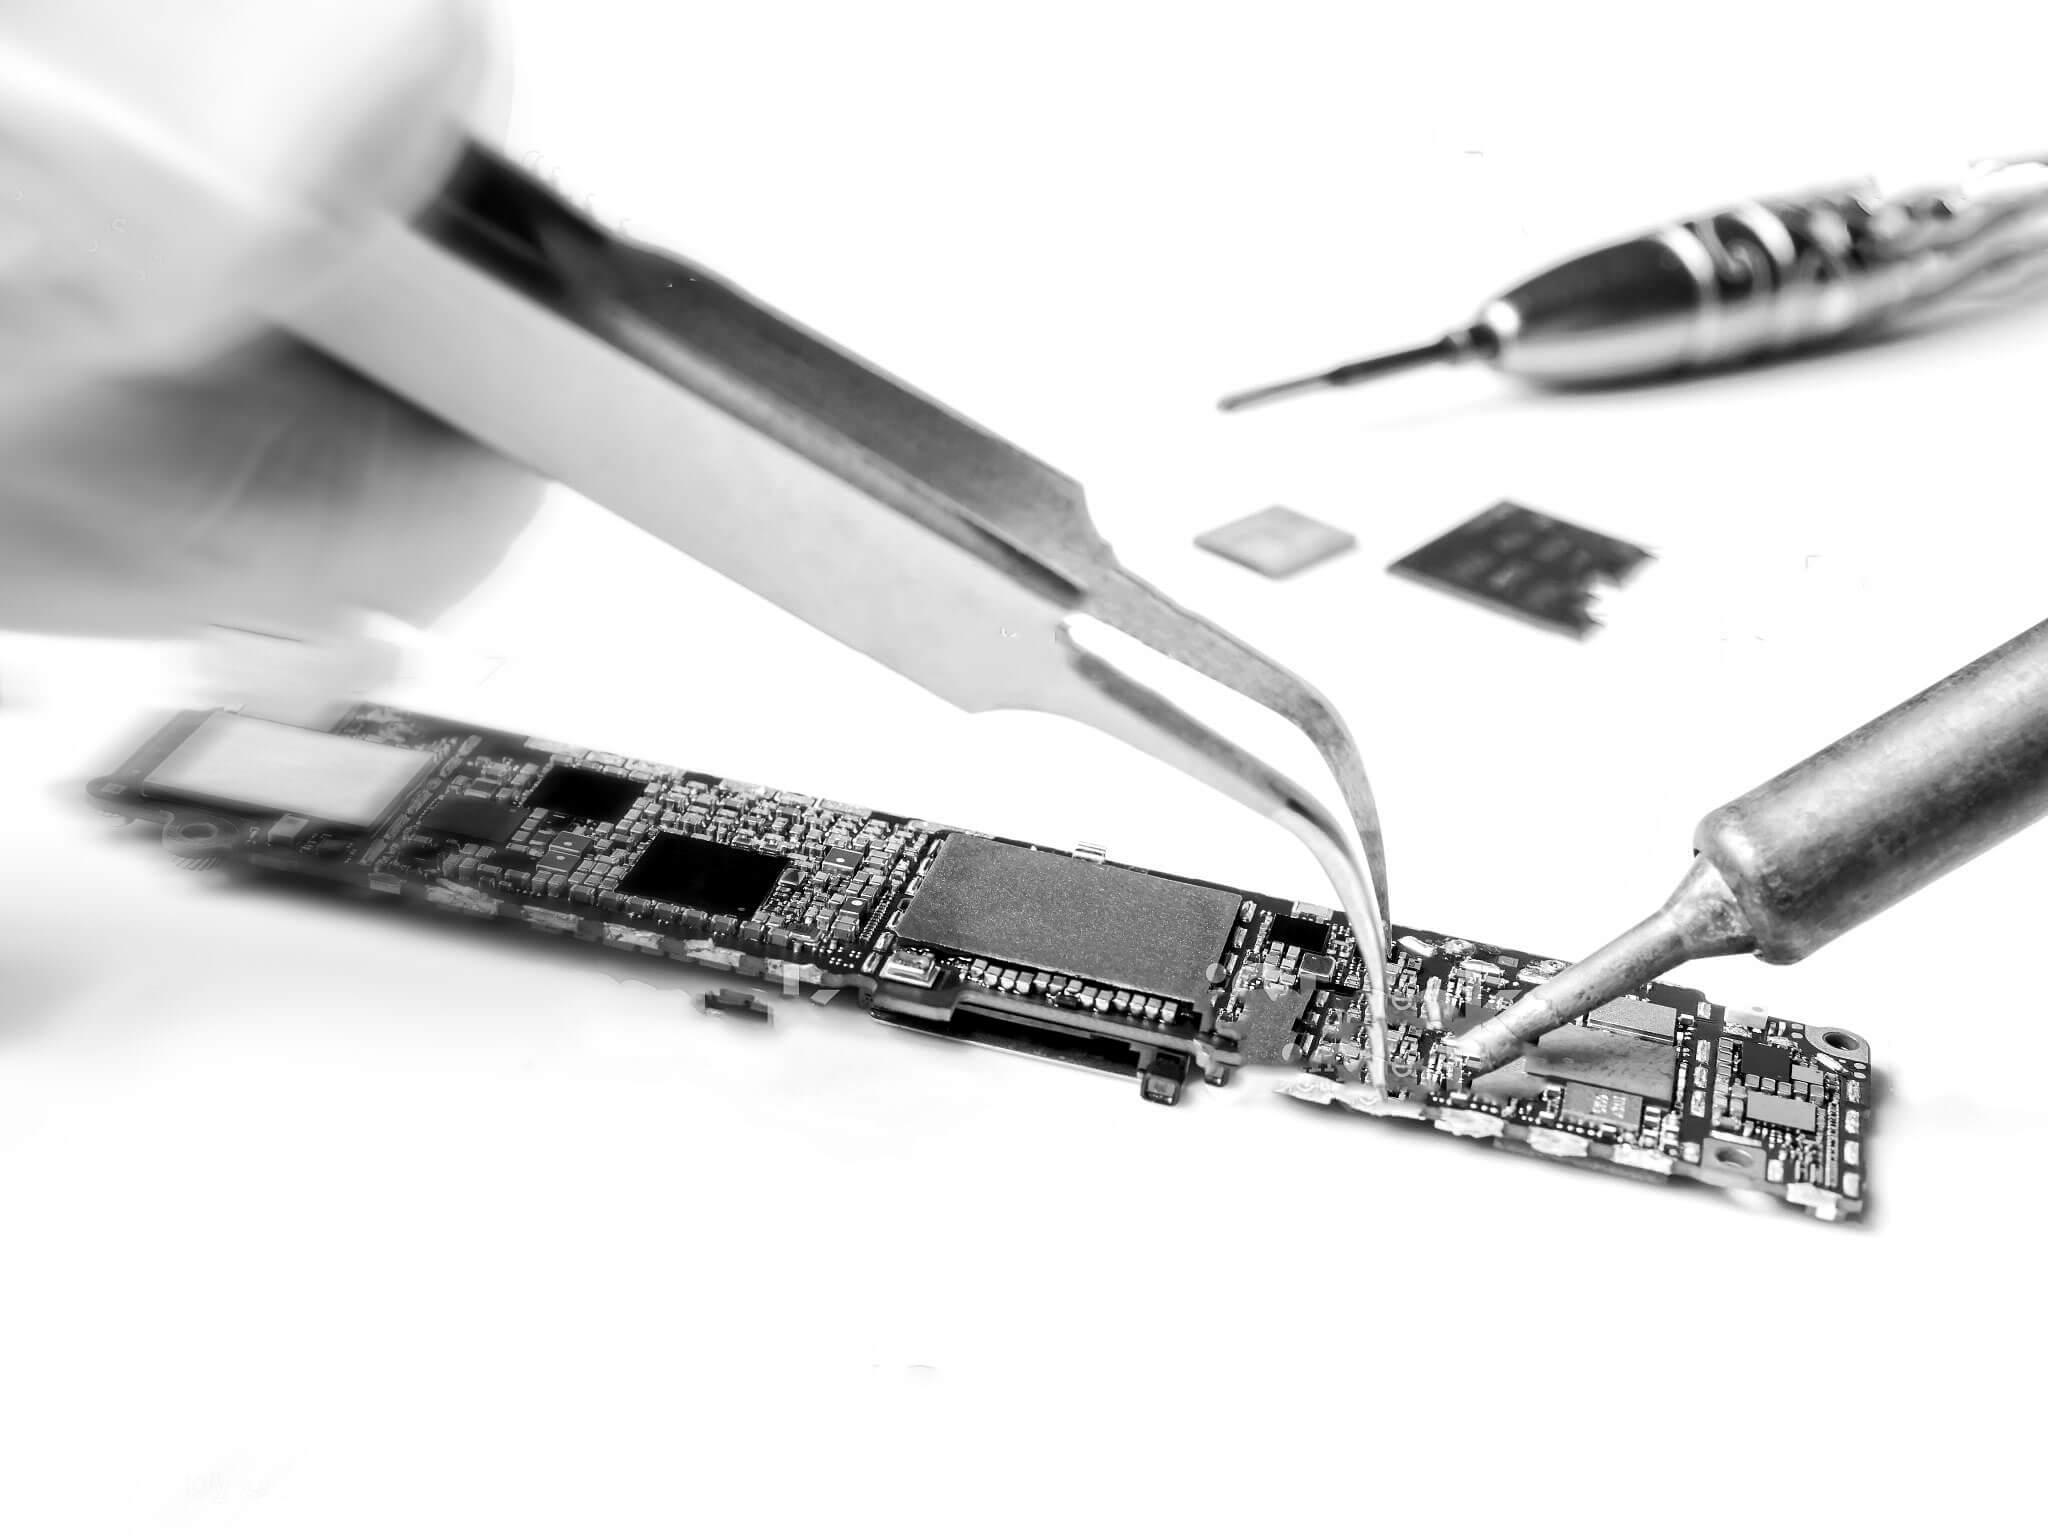 jasa kursus service hp iphone ipad macbook